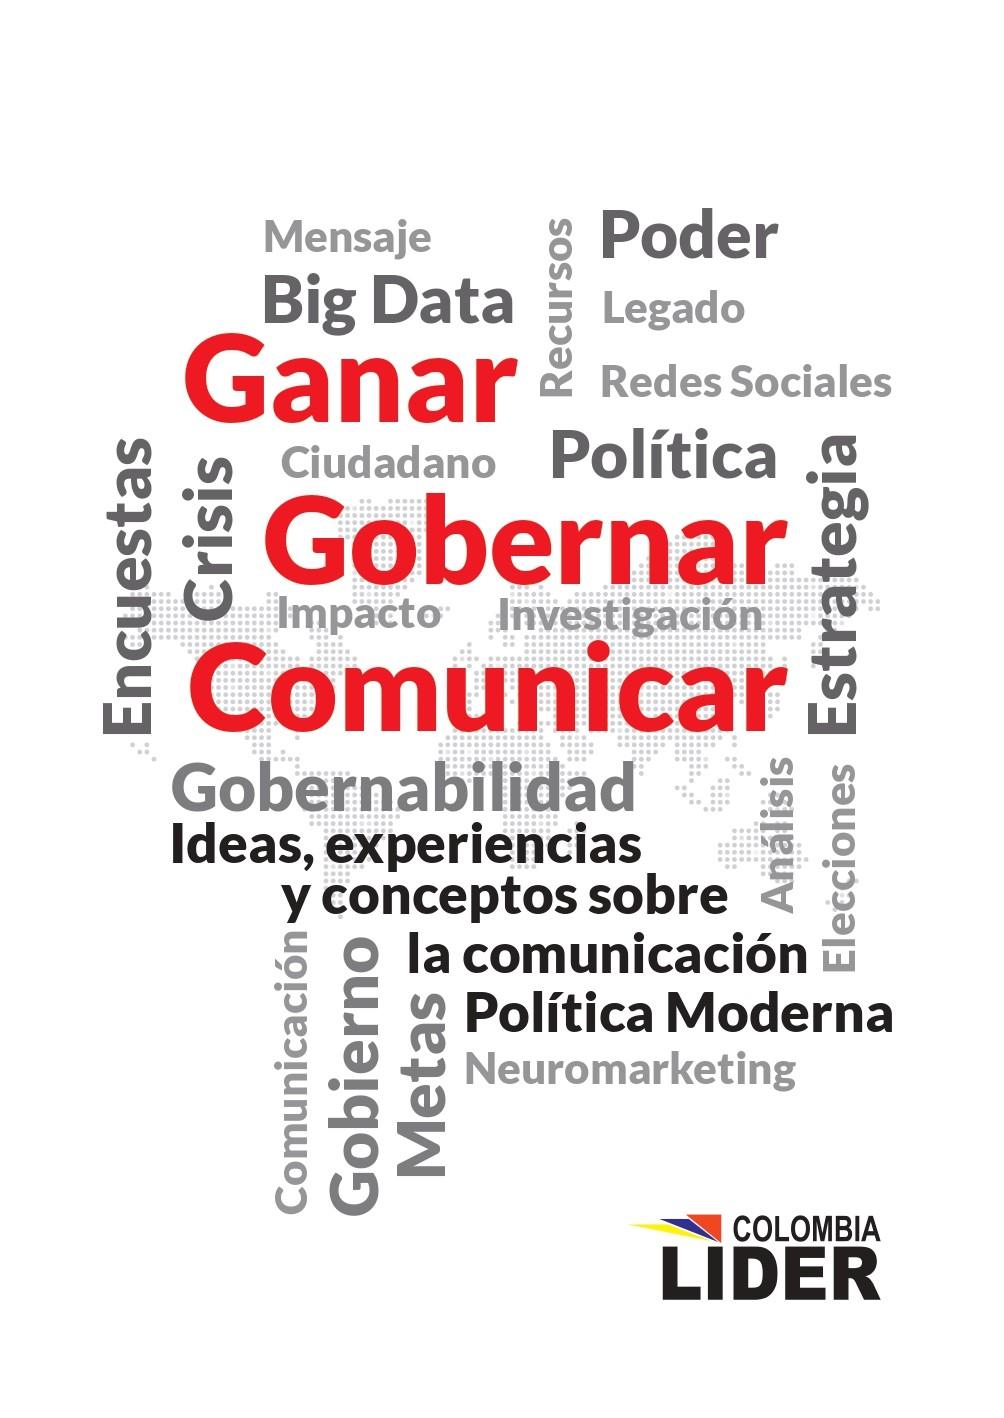 1 Portada Libro Ganar, Gobernar y Comunicar_page-0001